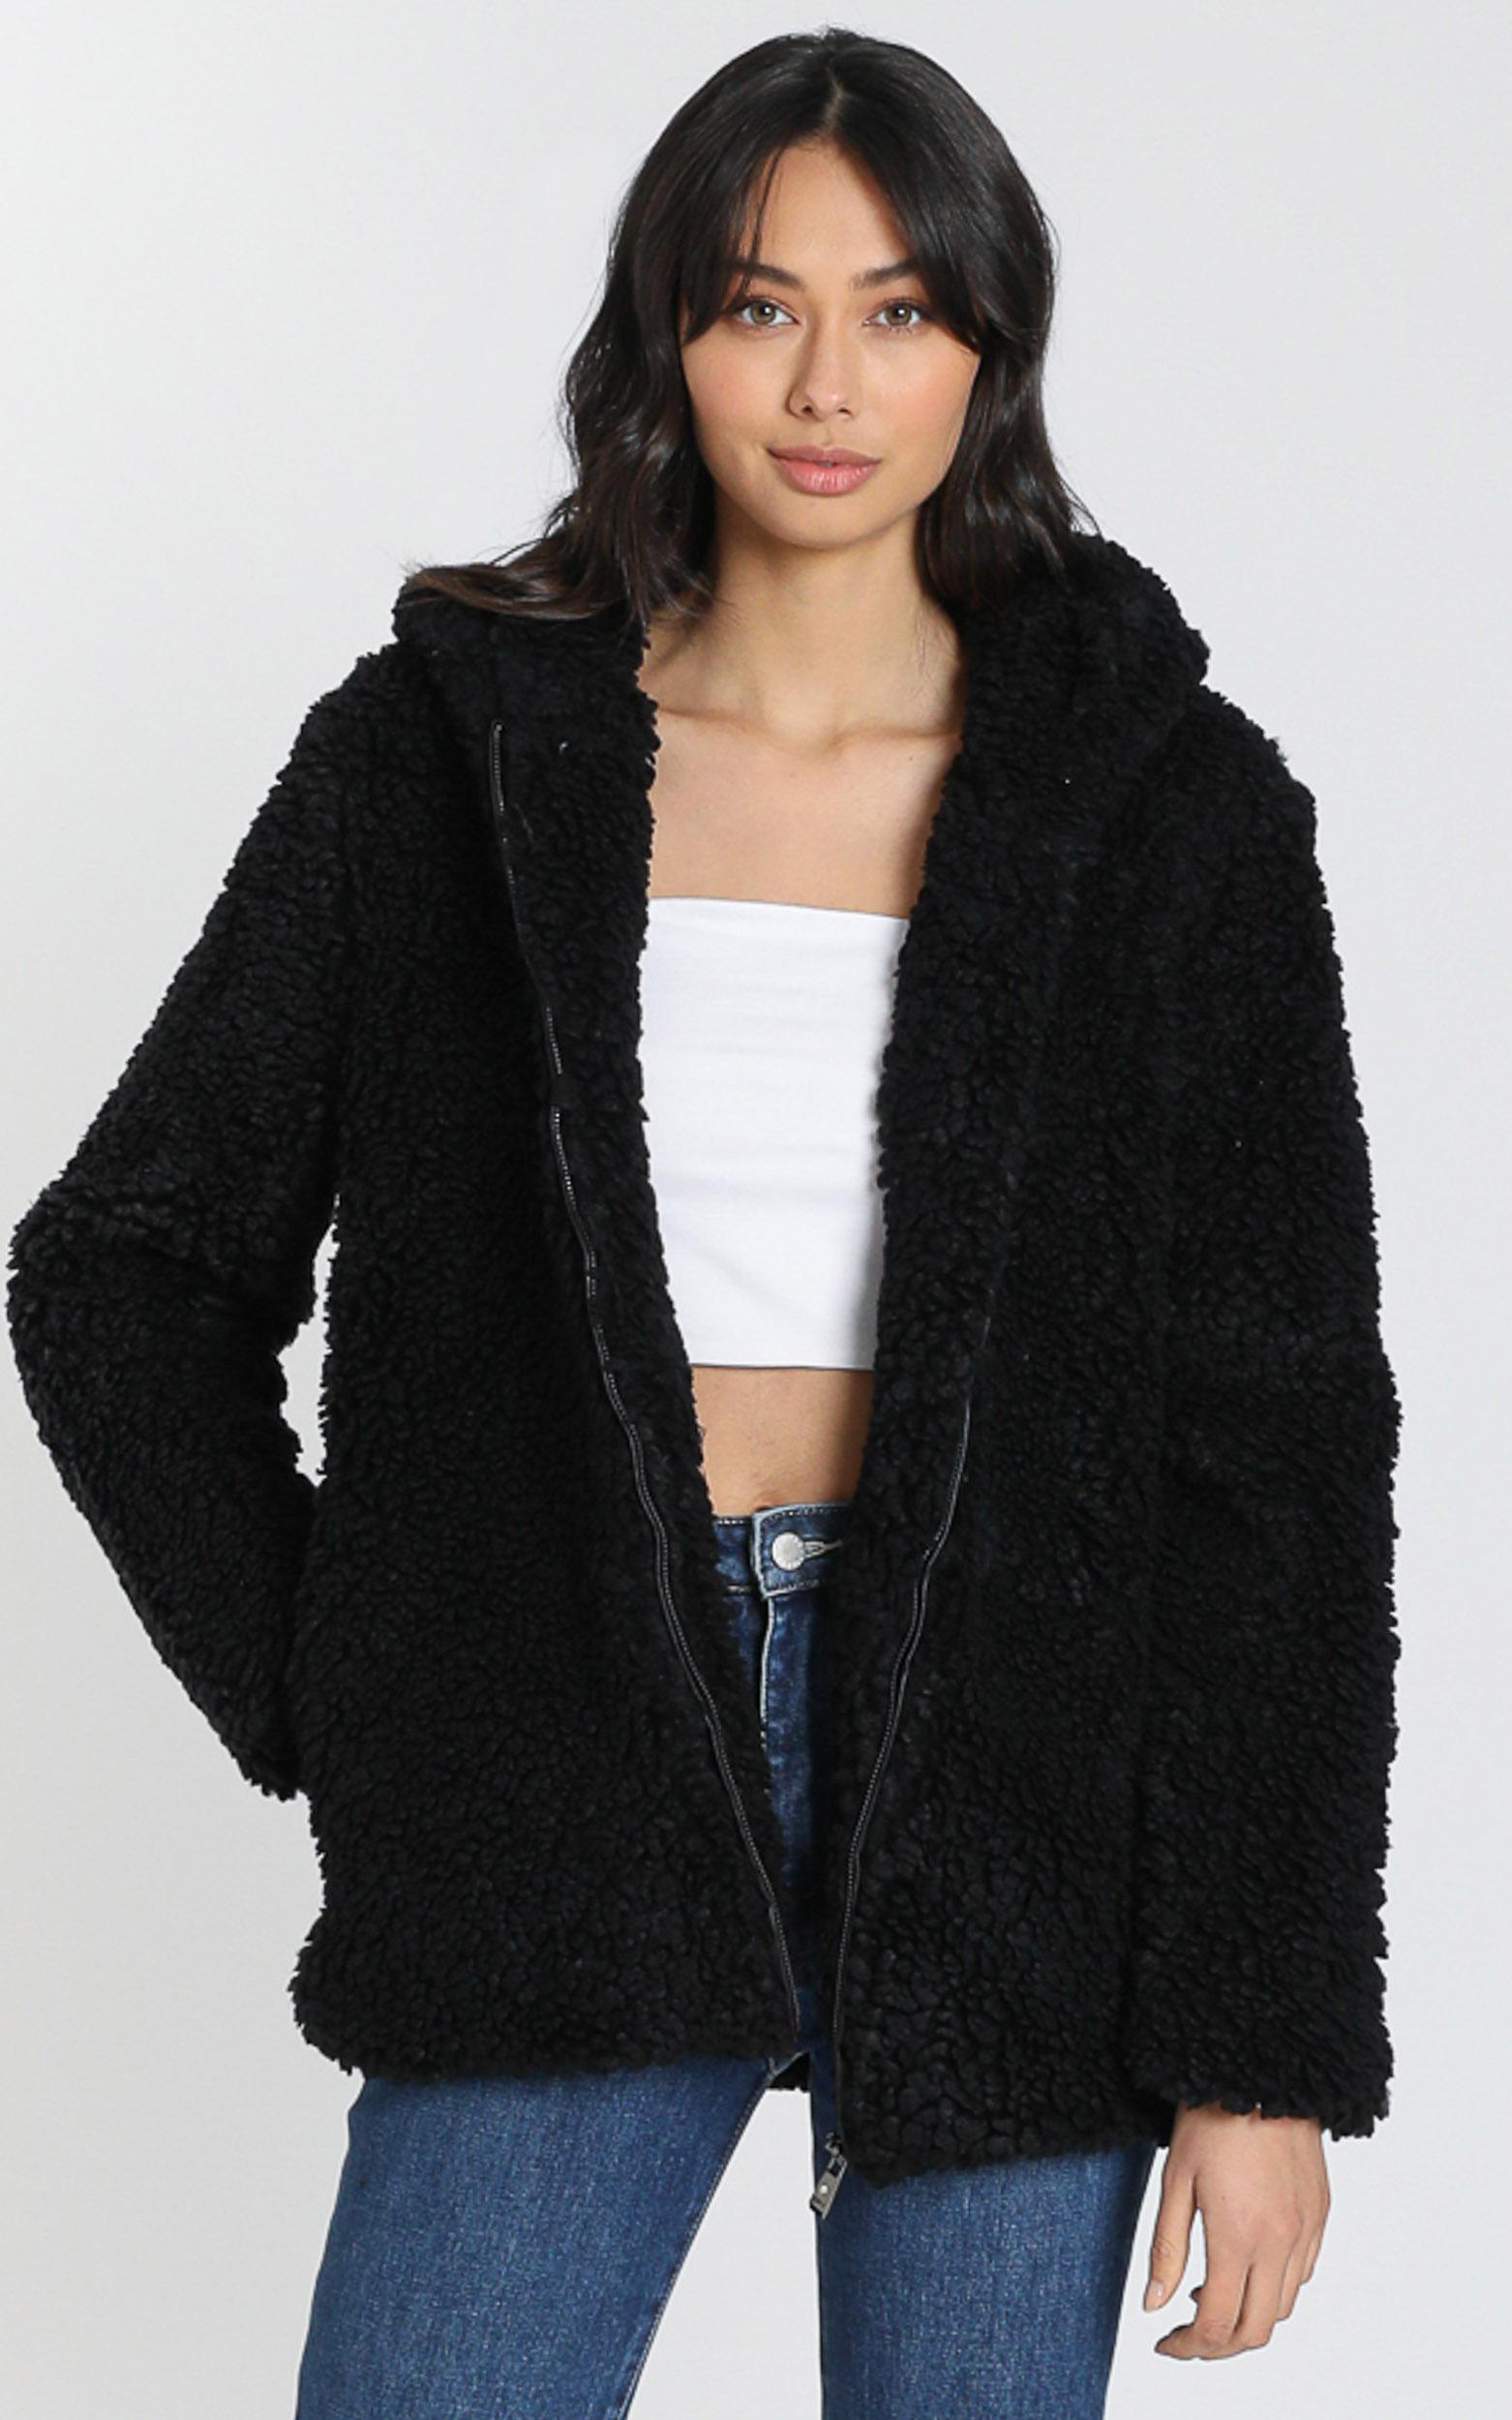 Stacey Jacket in Black - S, Black, hi-res image number null